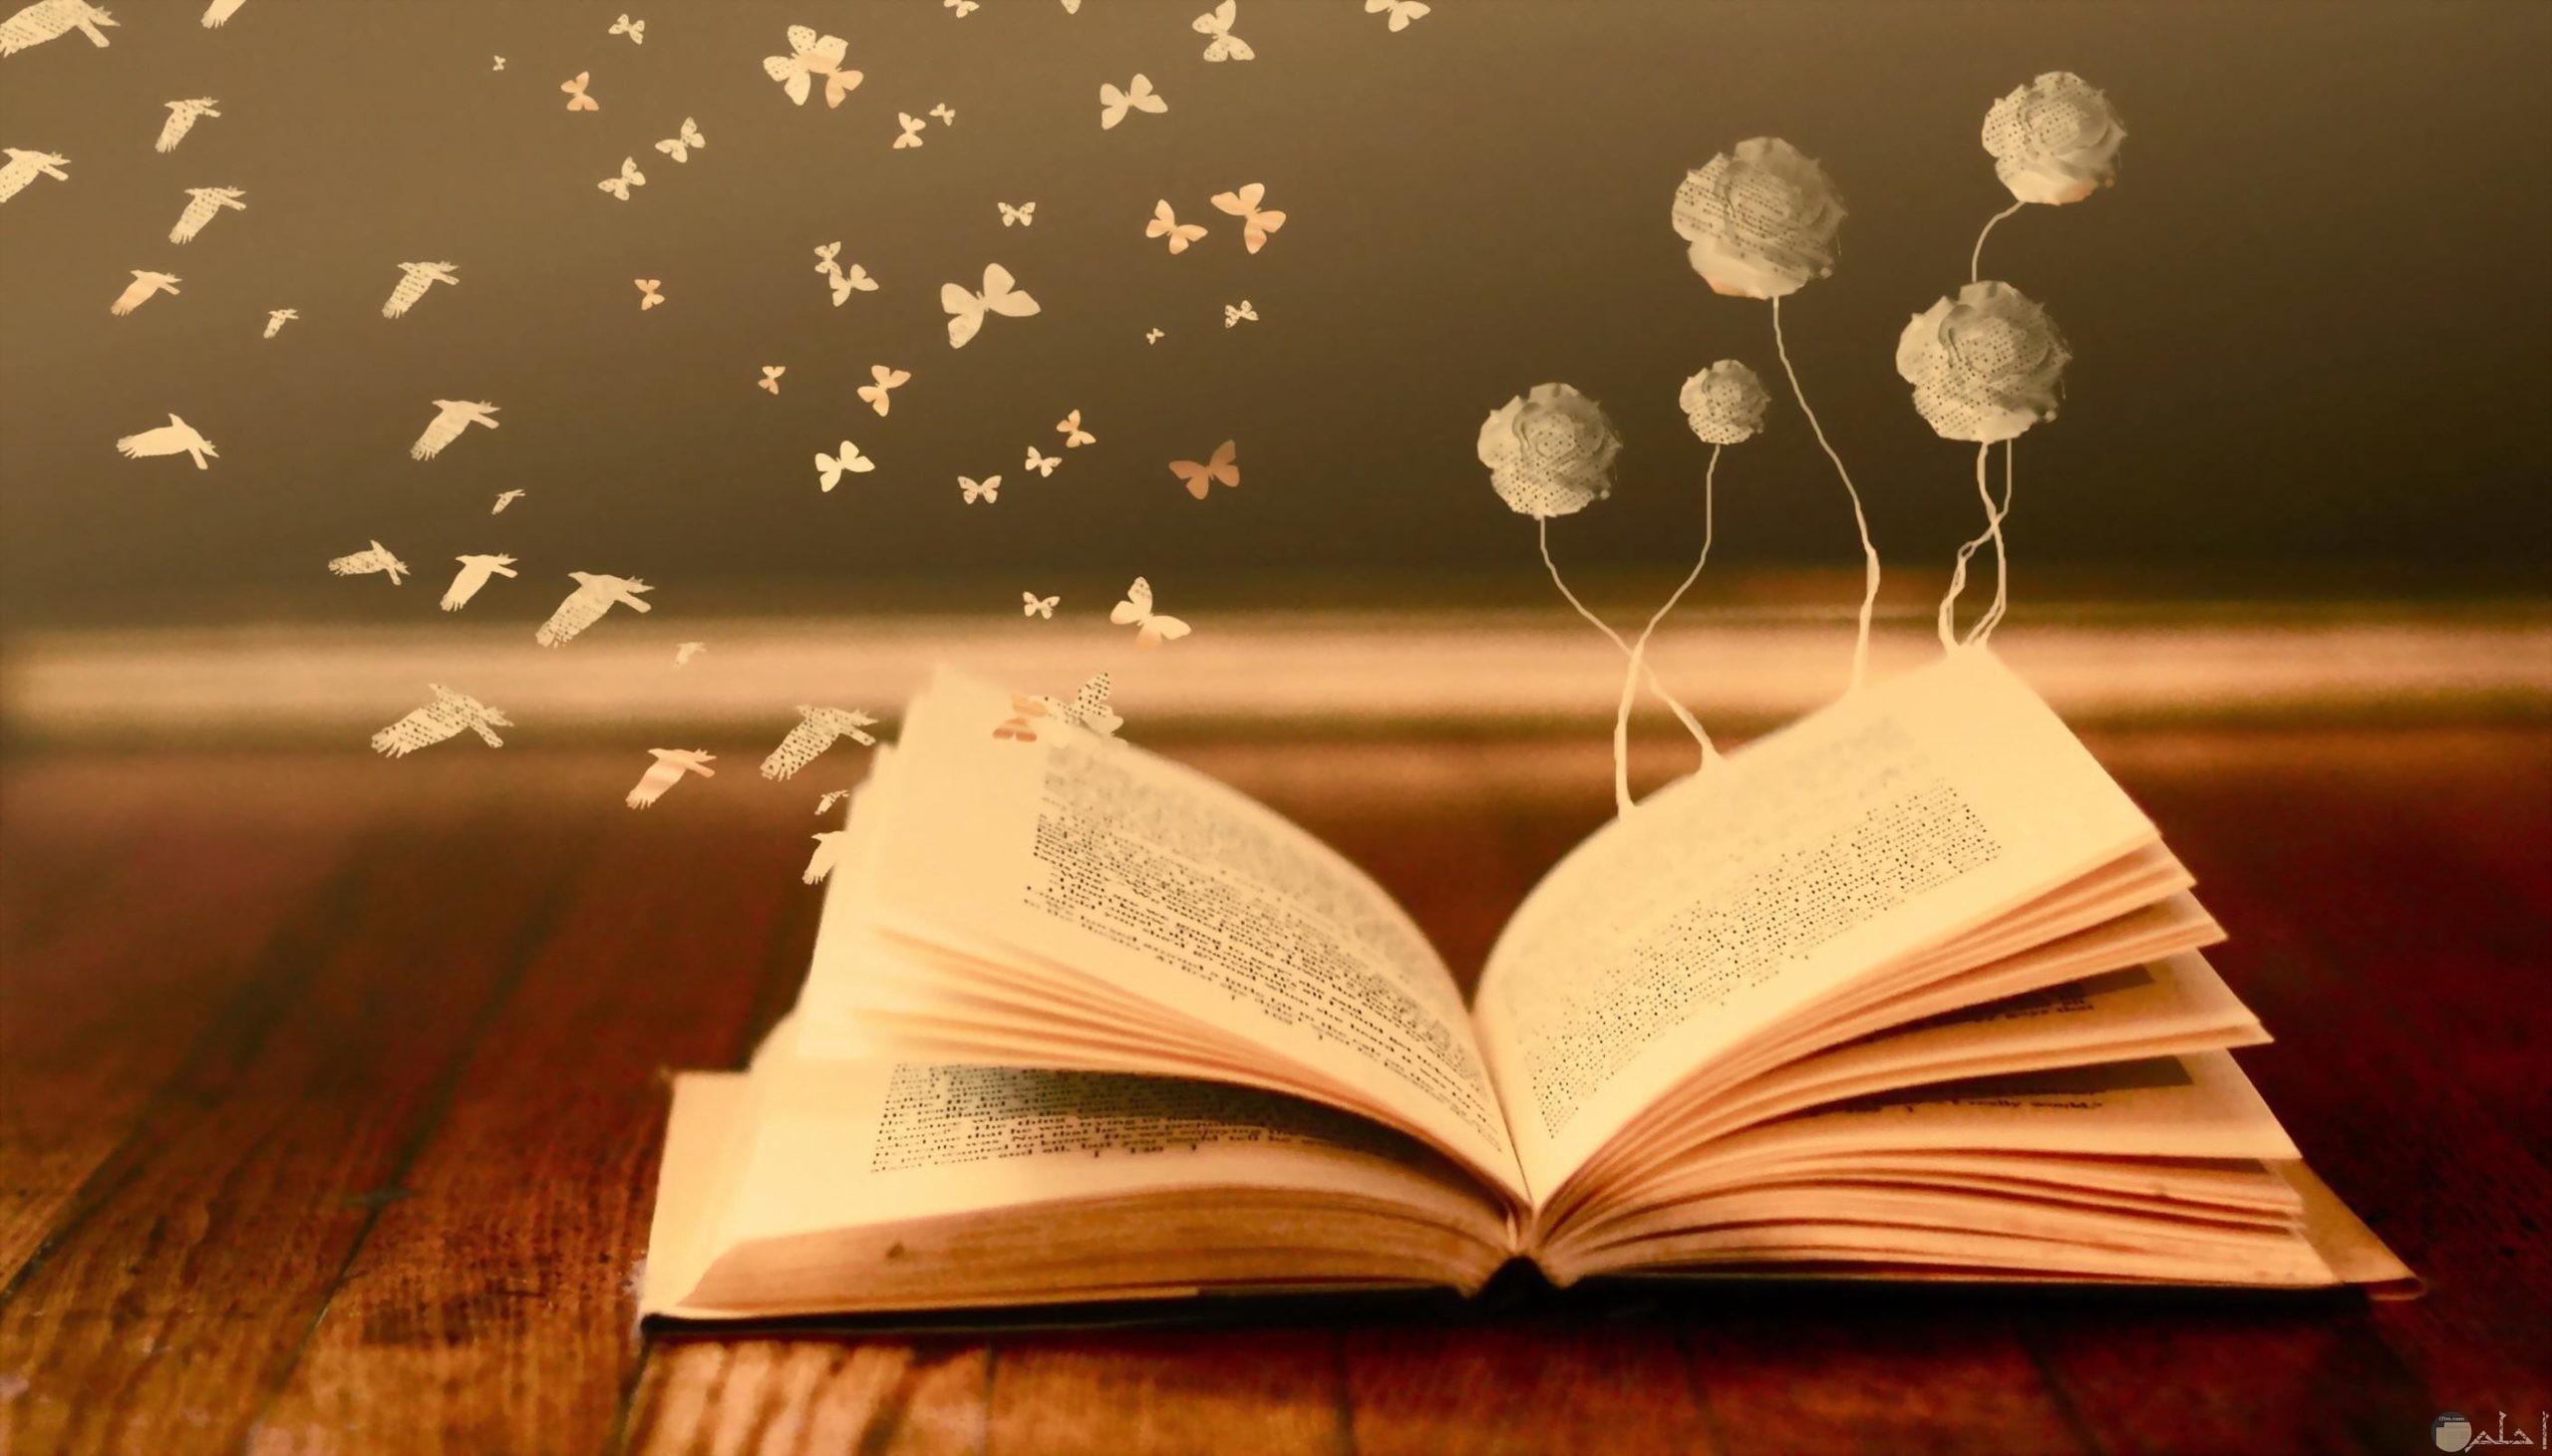 لعشاق القراءة و العلم.